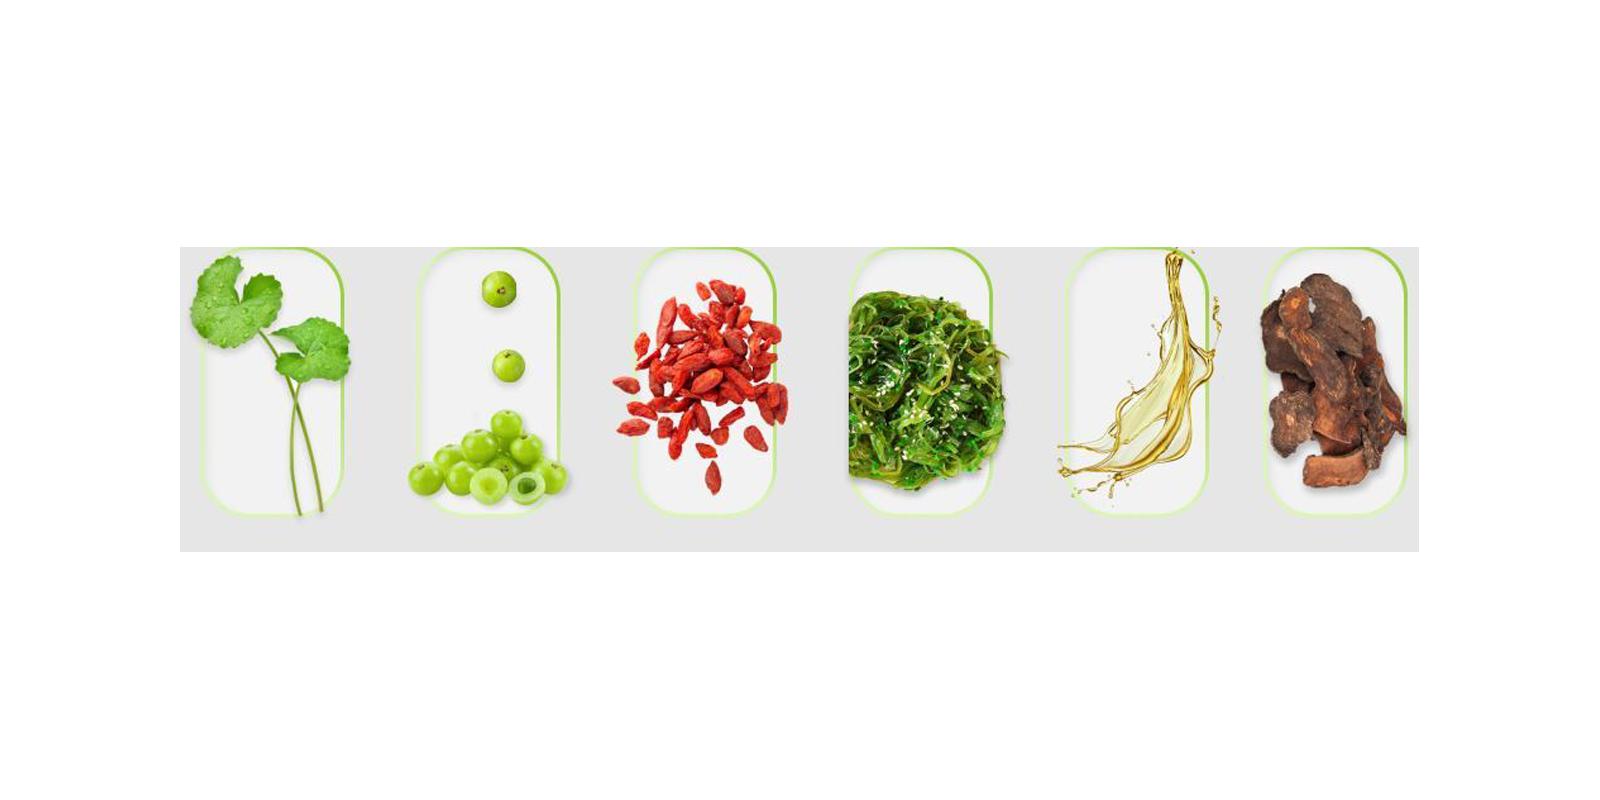 MitoBoost Supplement Ingredients